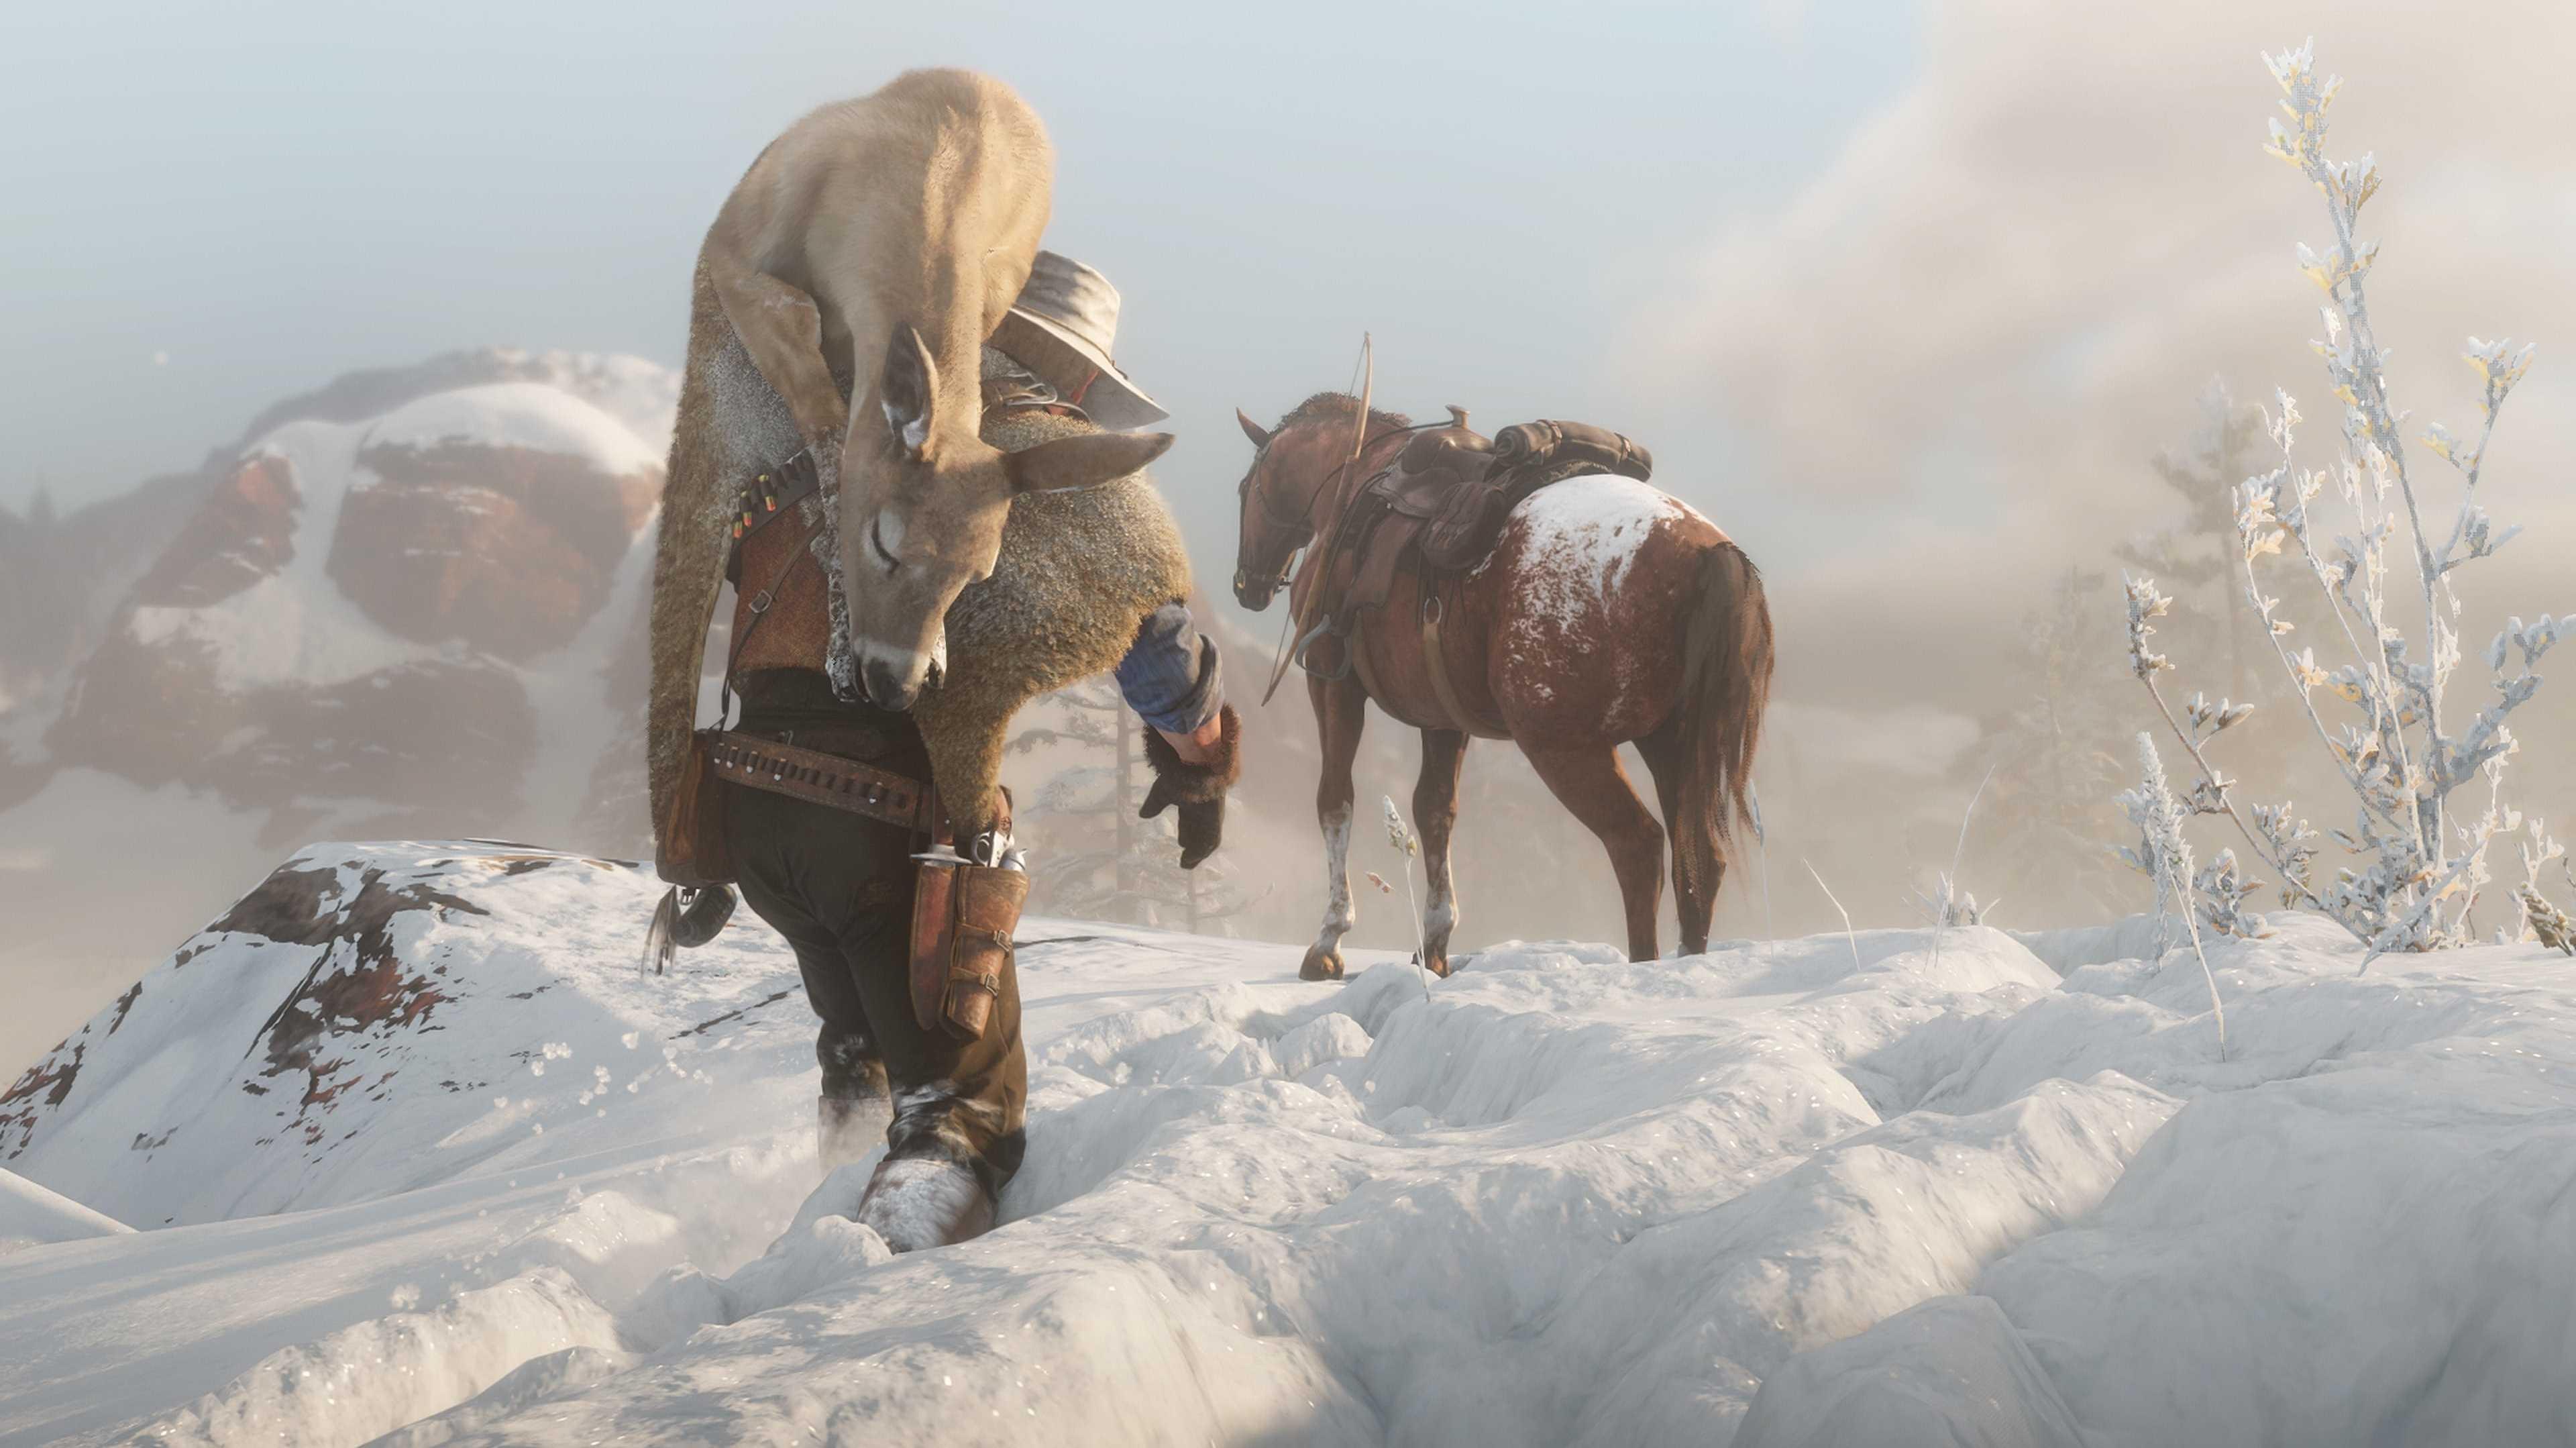 105 GByte groß: Red Dead Redemption 2 ist ein Speicherfresser